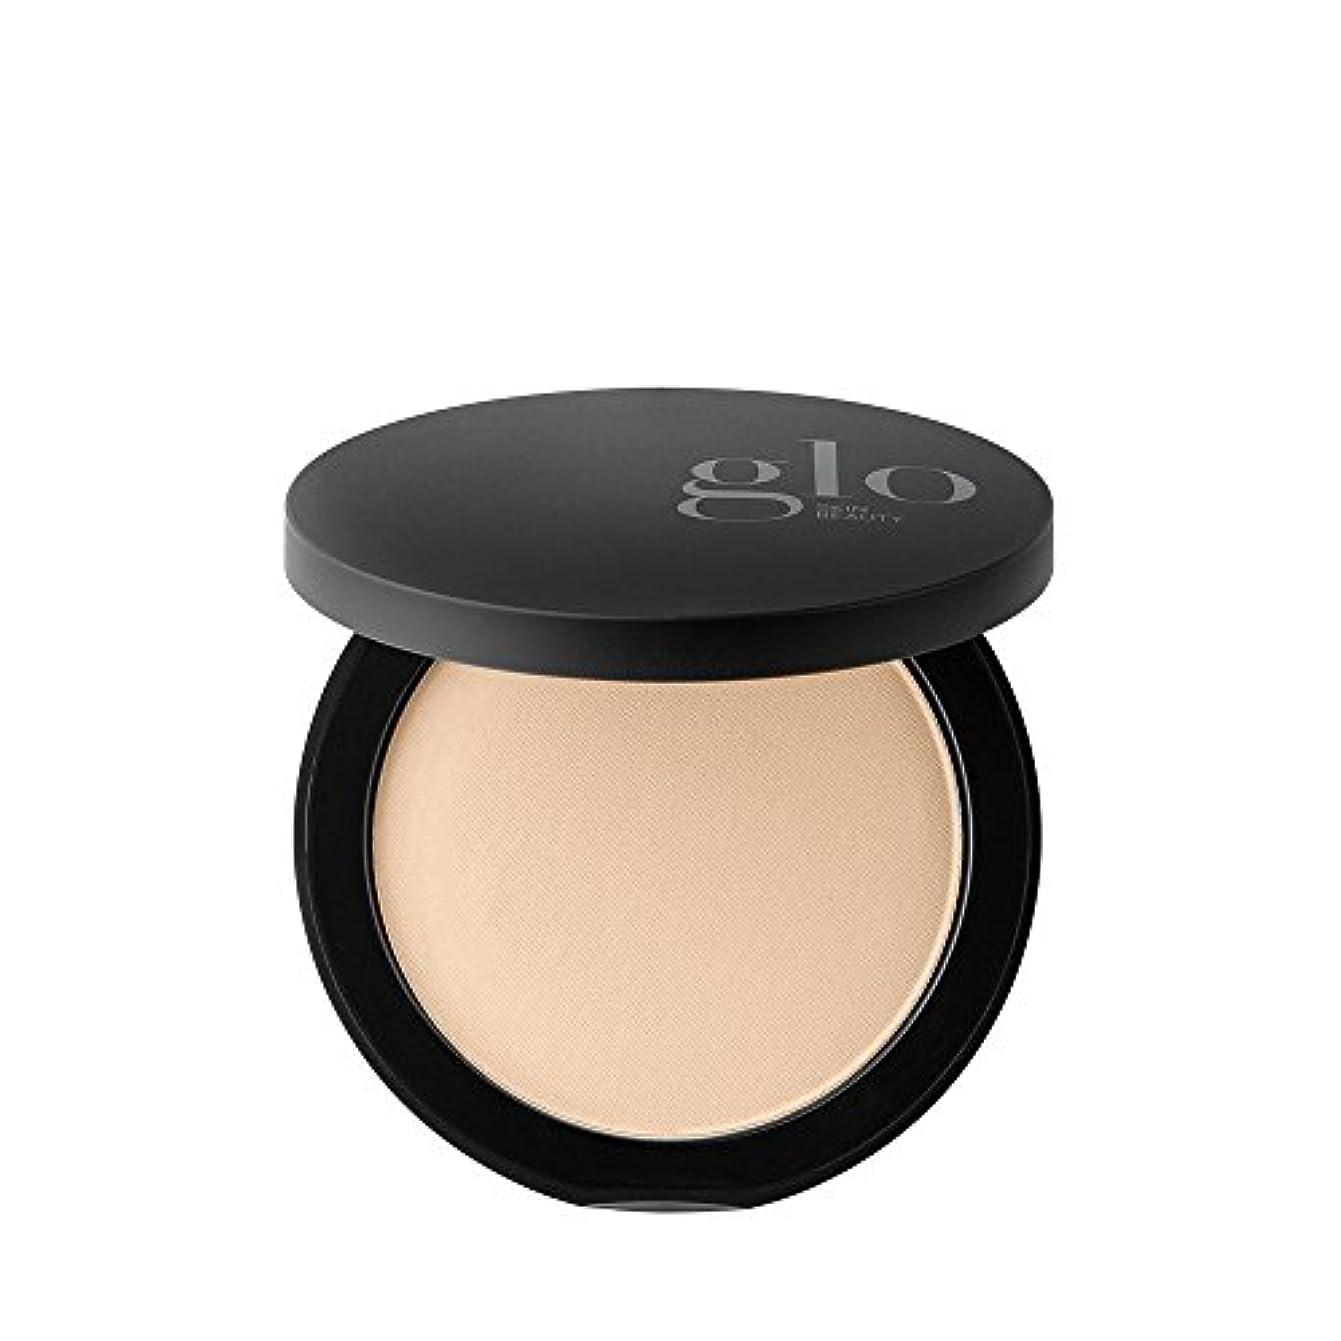 リクルートペスト減るGlo Skin Beauty Pressed Base - # Natural Fair 9g/0.31oz並行輸入品